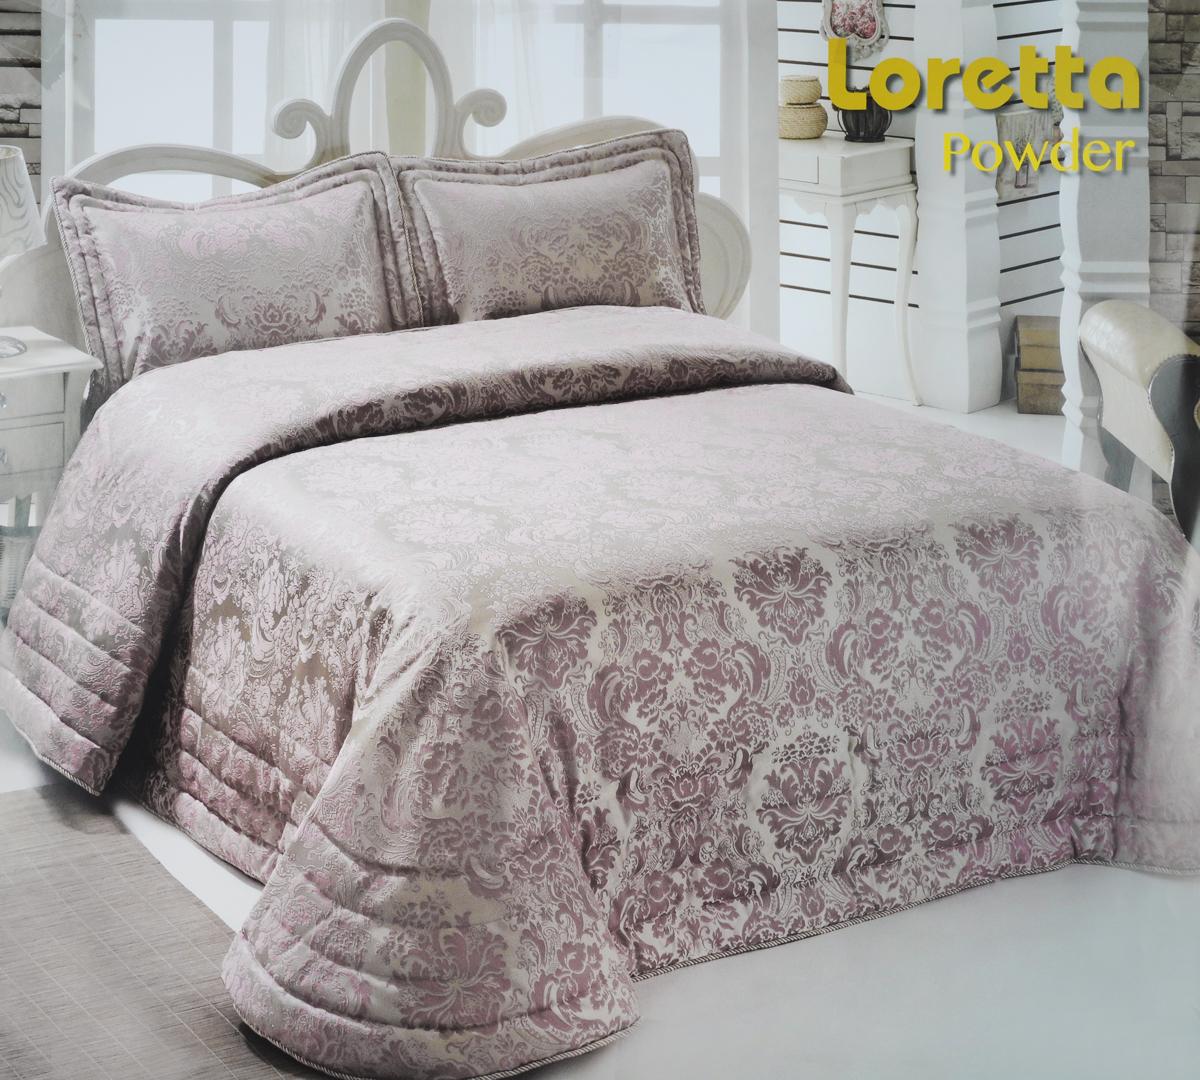 """Изысканный комплект для спальни Modalin """"Nazsu. Loretta"""" состоит из покрывала и двух наволочек. Изделия выполнены из высококачественного полиэстера и хлопка, легкие, прочные и износостойкие. Ткань блестящая, что придает ей больше роскошиКомплект Modalin """"Nazsu. Loretta"""" - это отличный способ придать спальне уют и комфорт.Размер покрывала: 250 х 270 см.Размер наволочек: 50 х 70 см."""